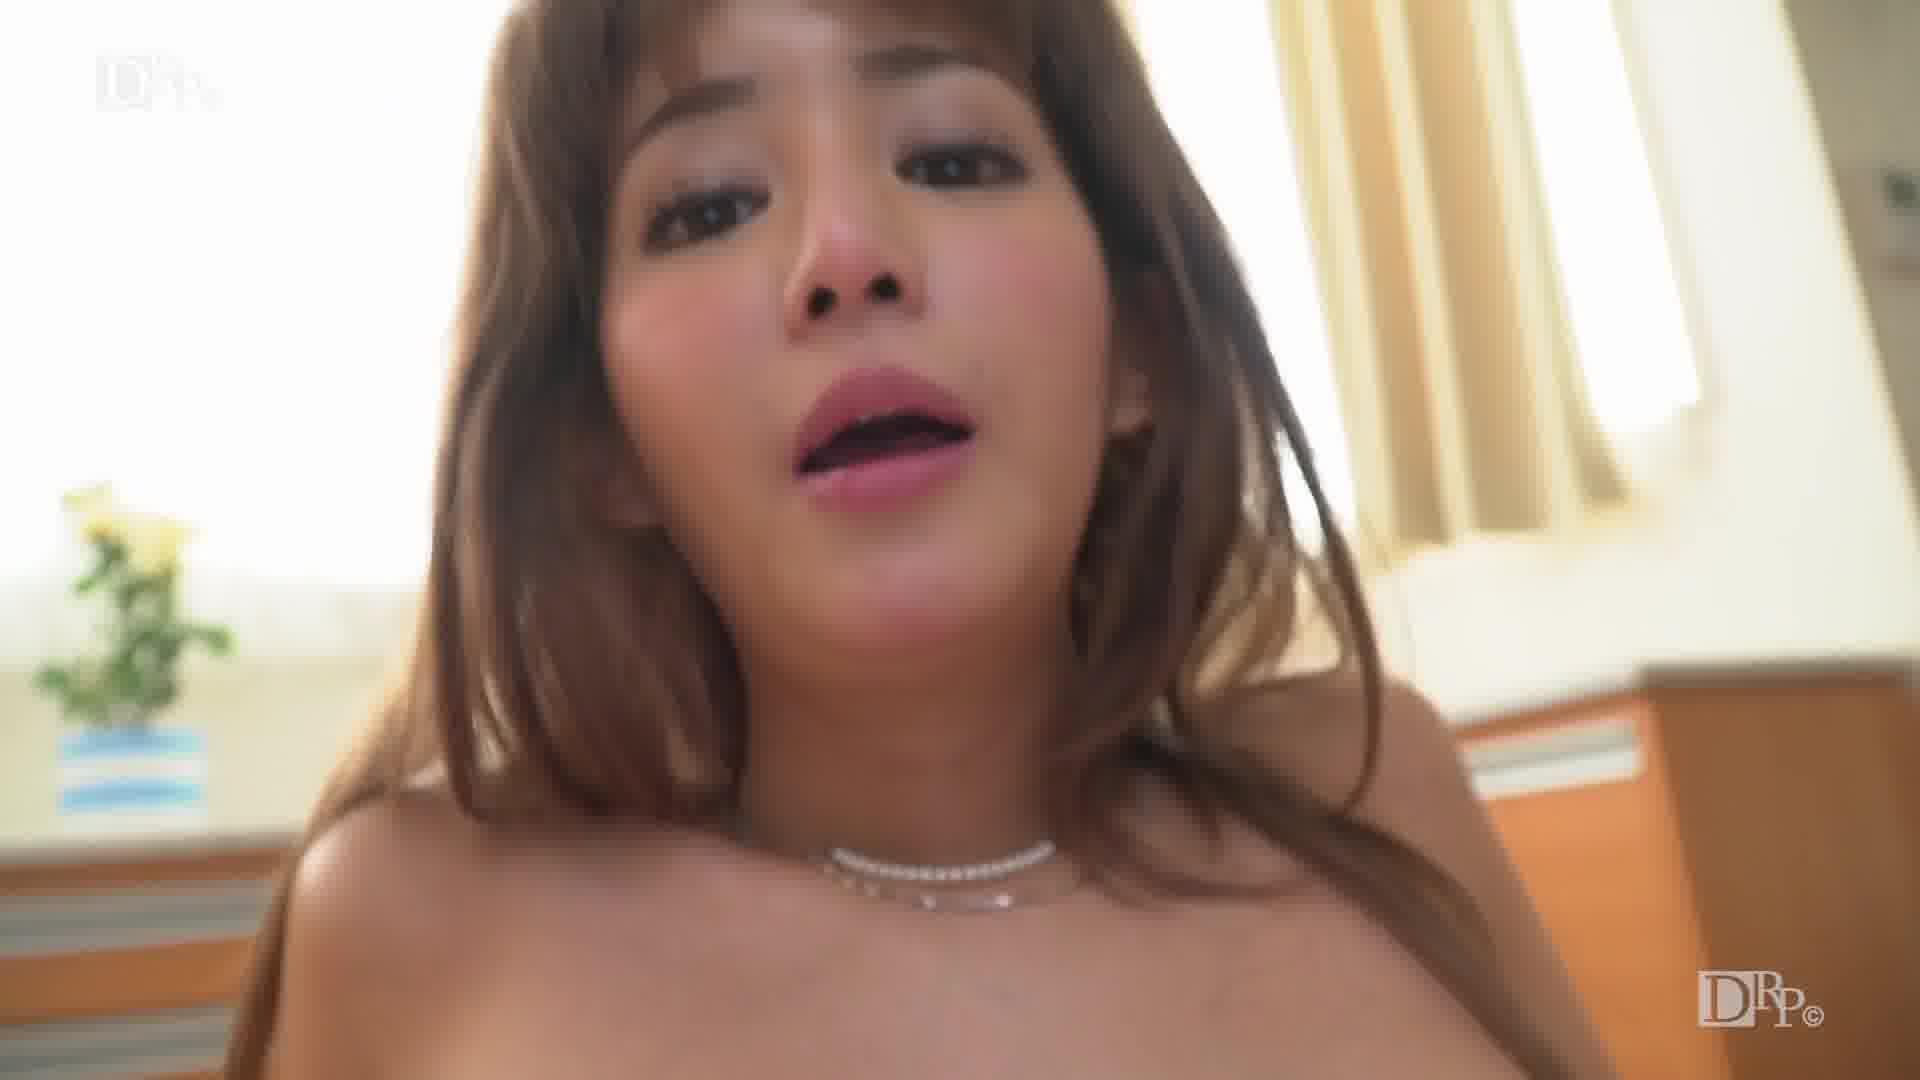 のぞみんの新たな素顔 - 麻生希 【スレンダー・美脚・美乳】